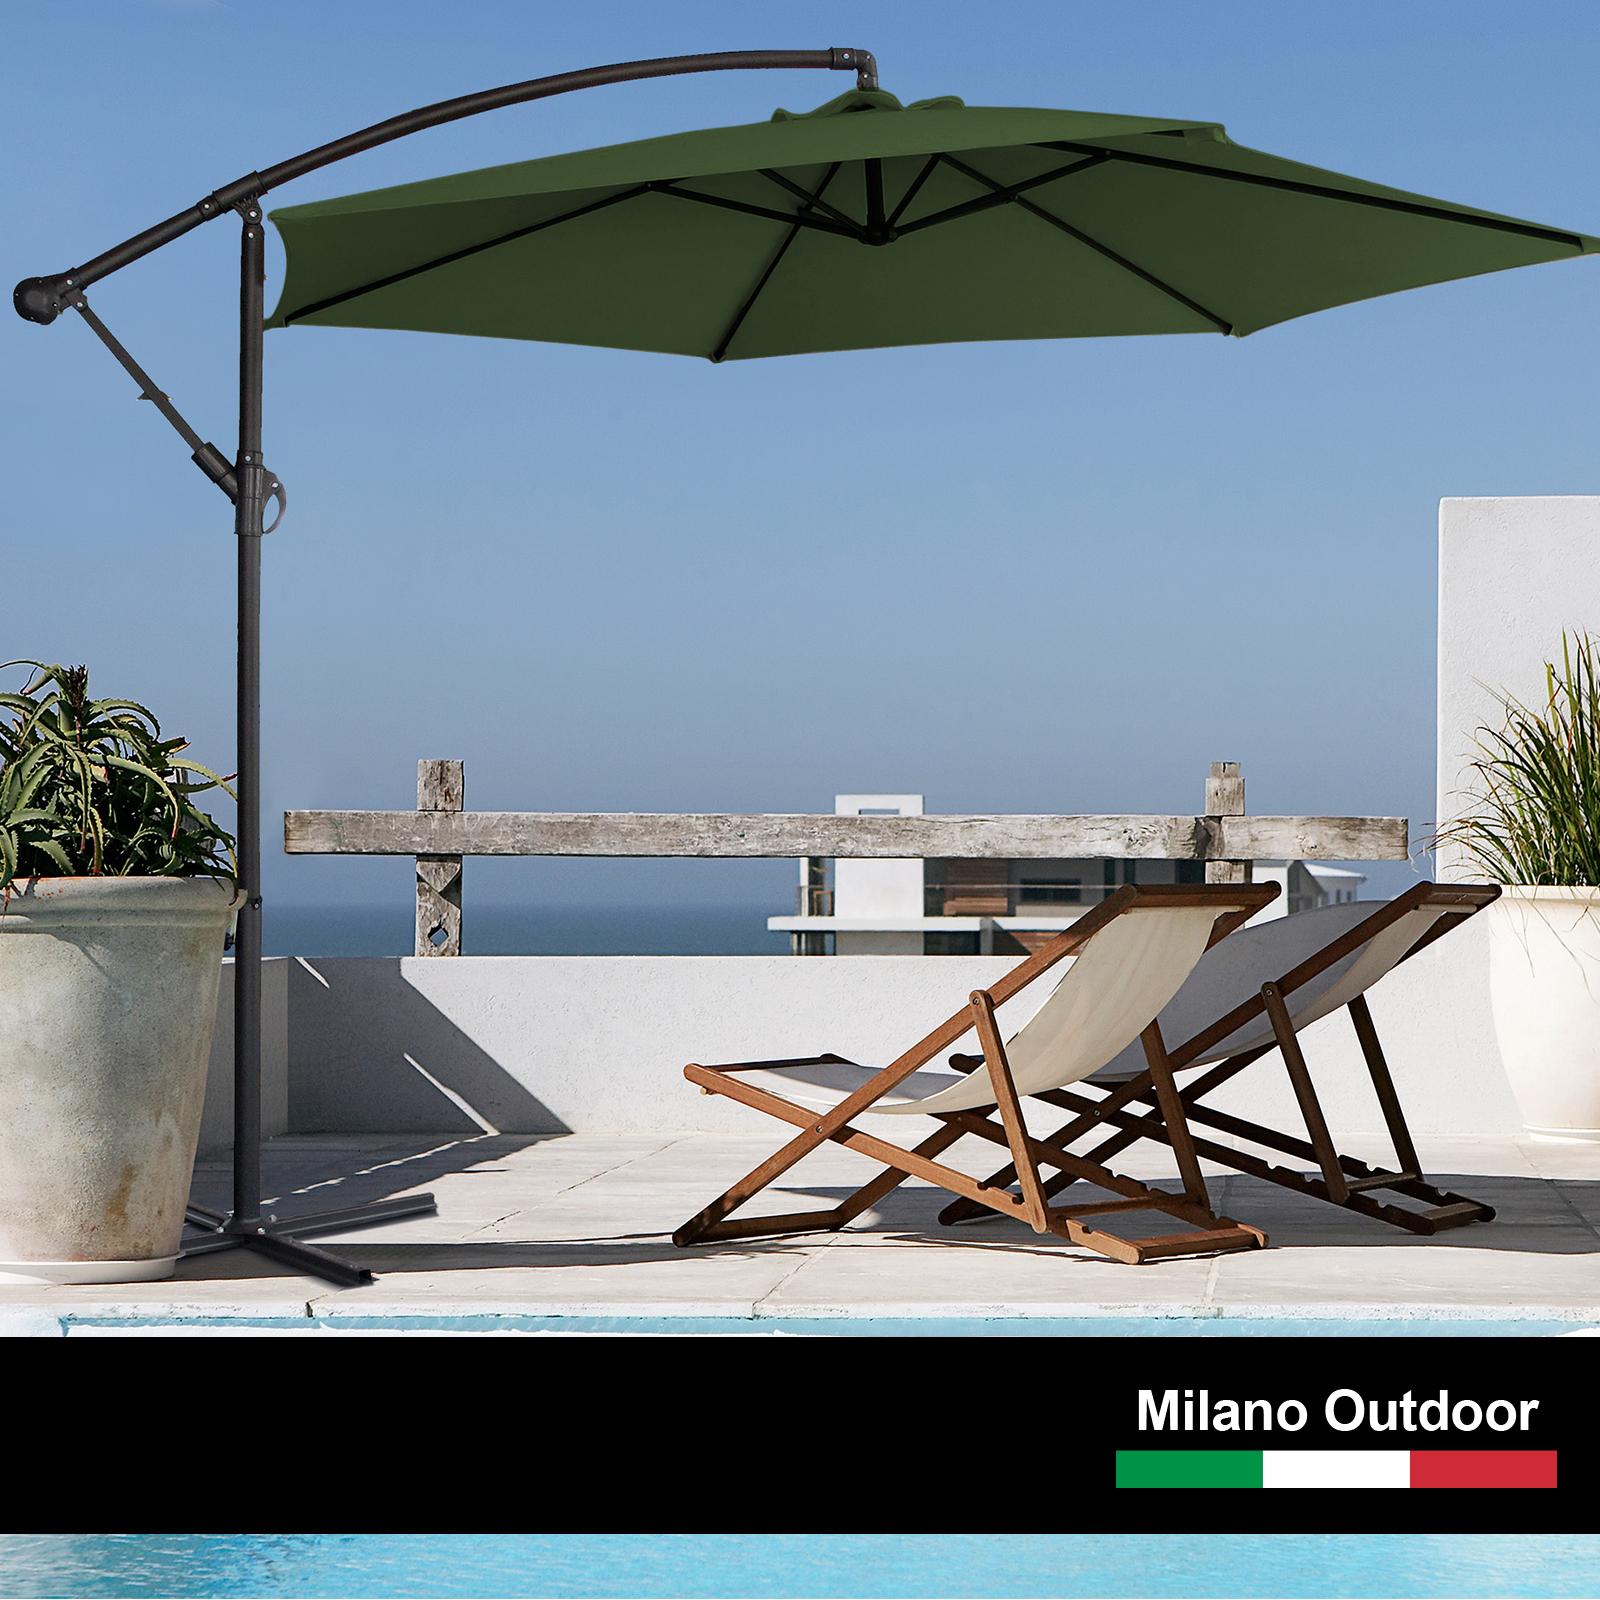 thumbnail 39 - Milano Outdoor 3 Metre Cantilever Umbrella UV Sunshade Garden Patio Deck